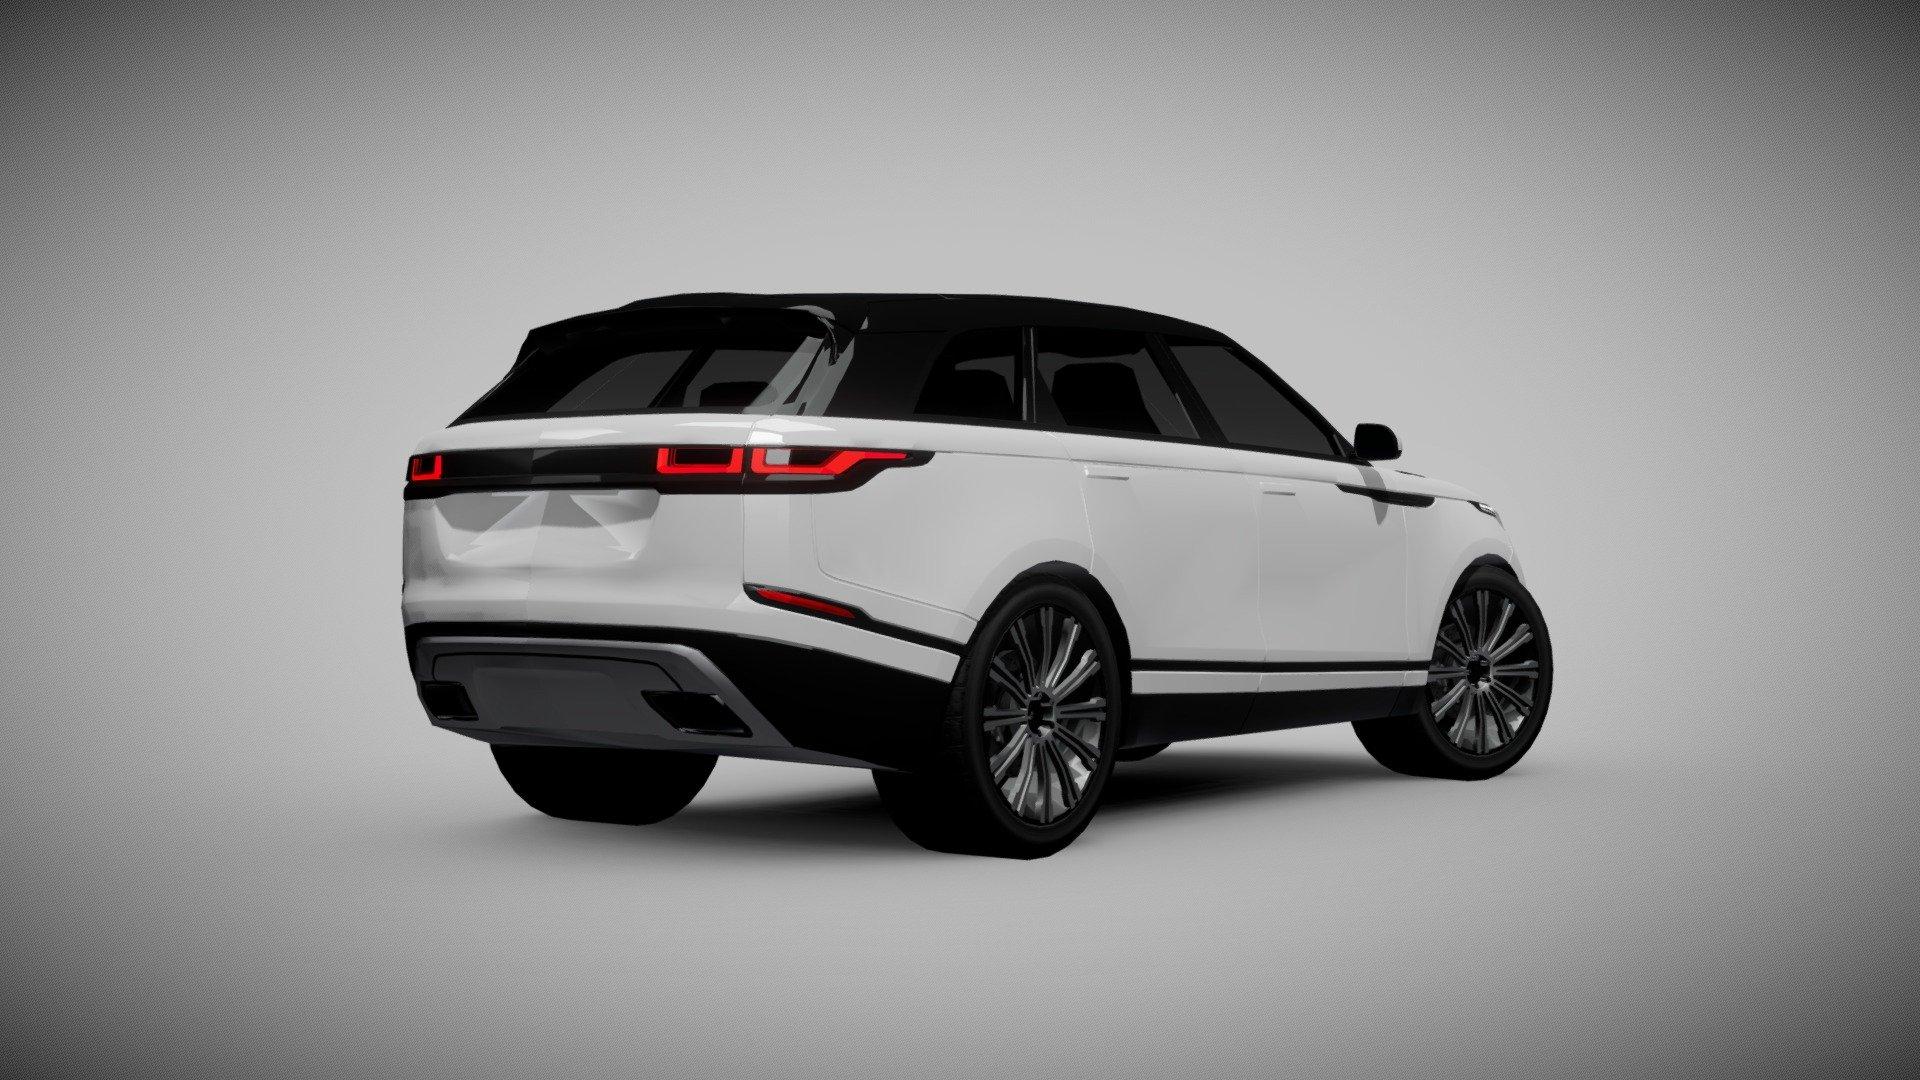 Range Rover Velar Download Free 3d Model By Isteven Steven007 B8acd22 Sketchfab